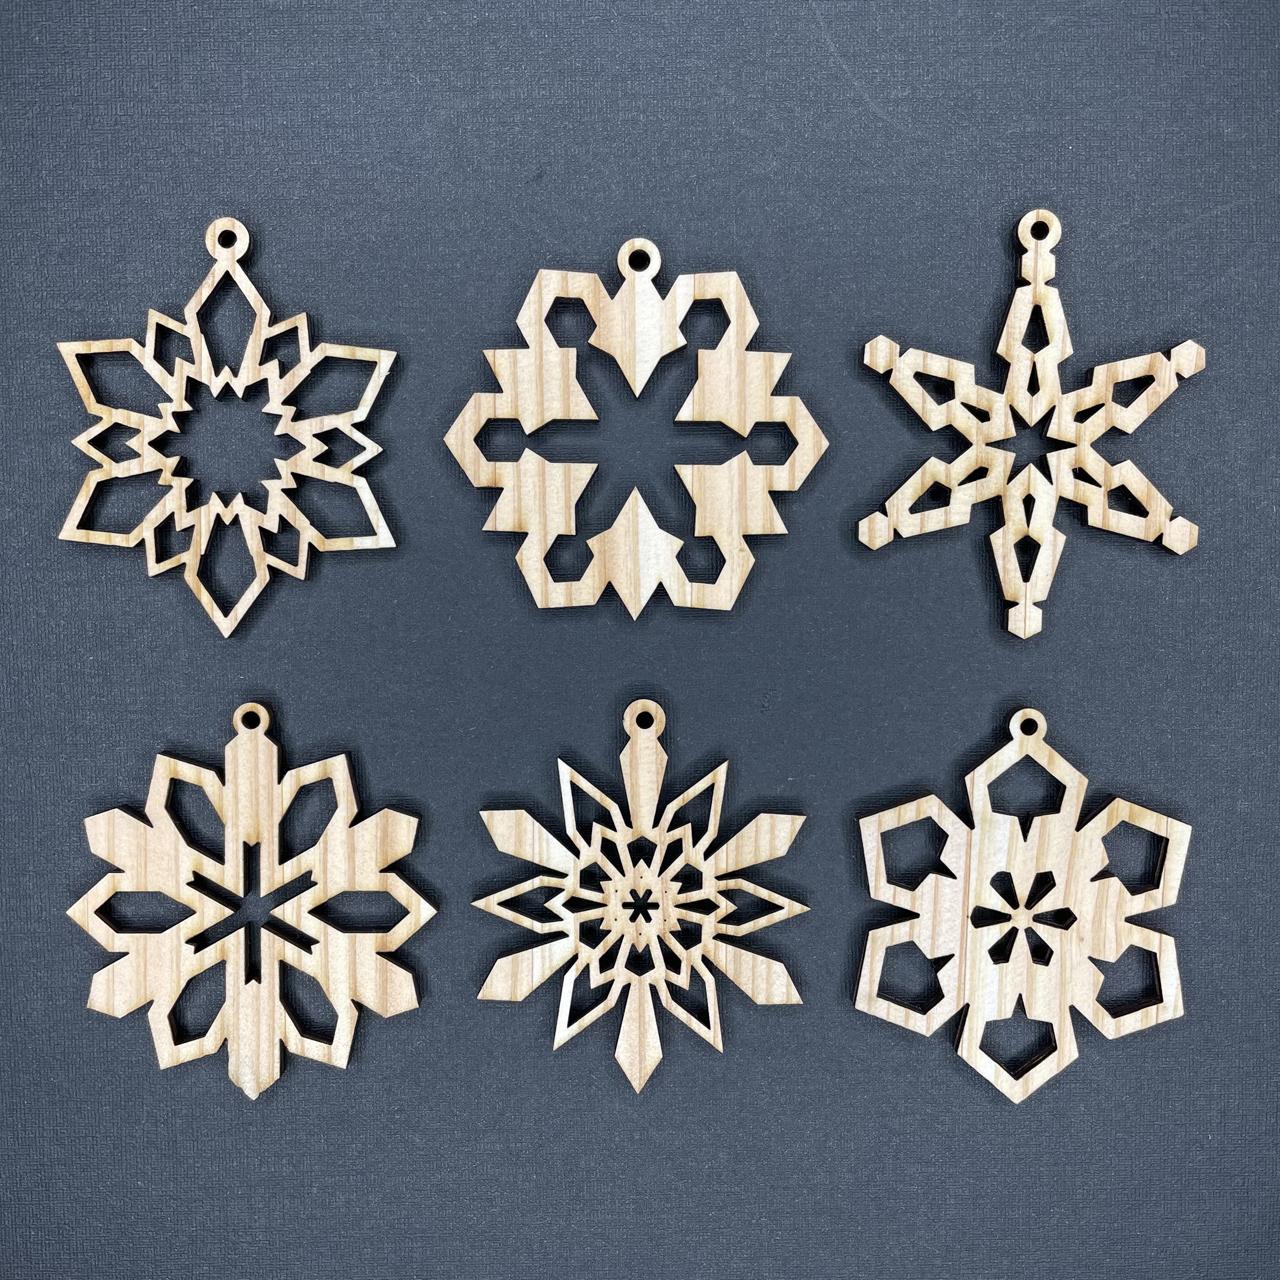 オーナメント 雪の結晶 小サイズ 6個セットB